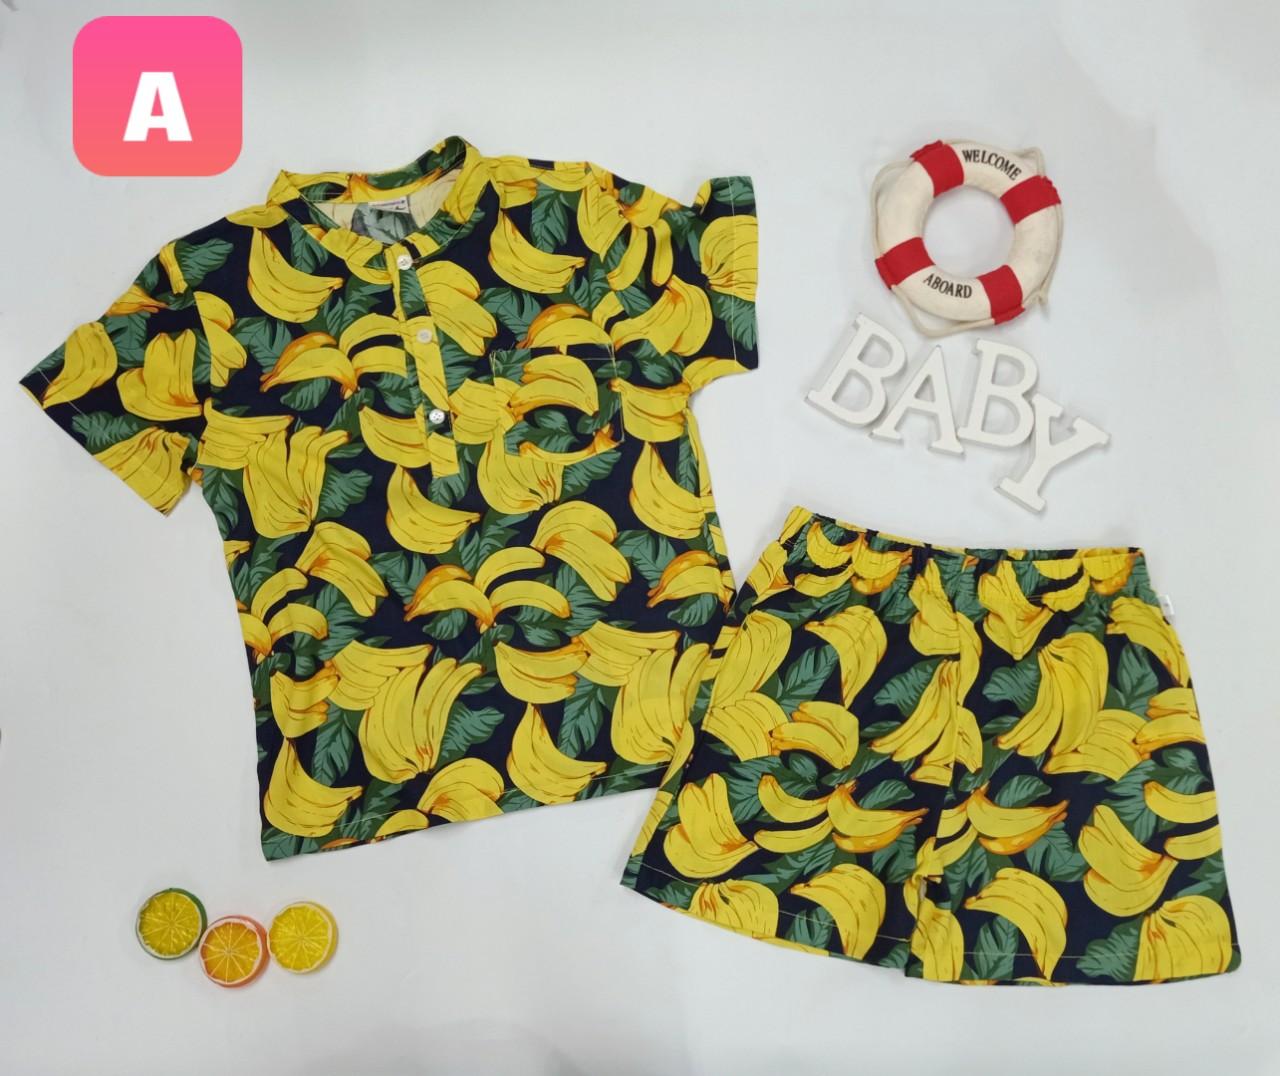 BỘ Pijama TRÁI CÂY SUMMER-A